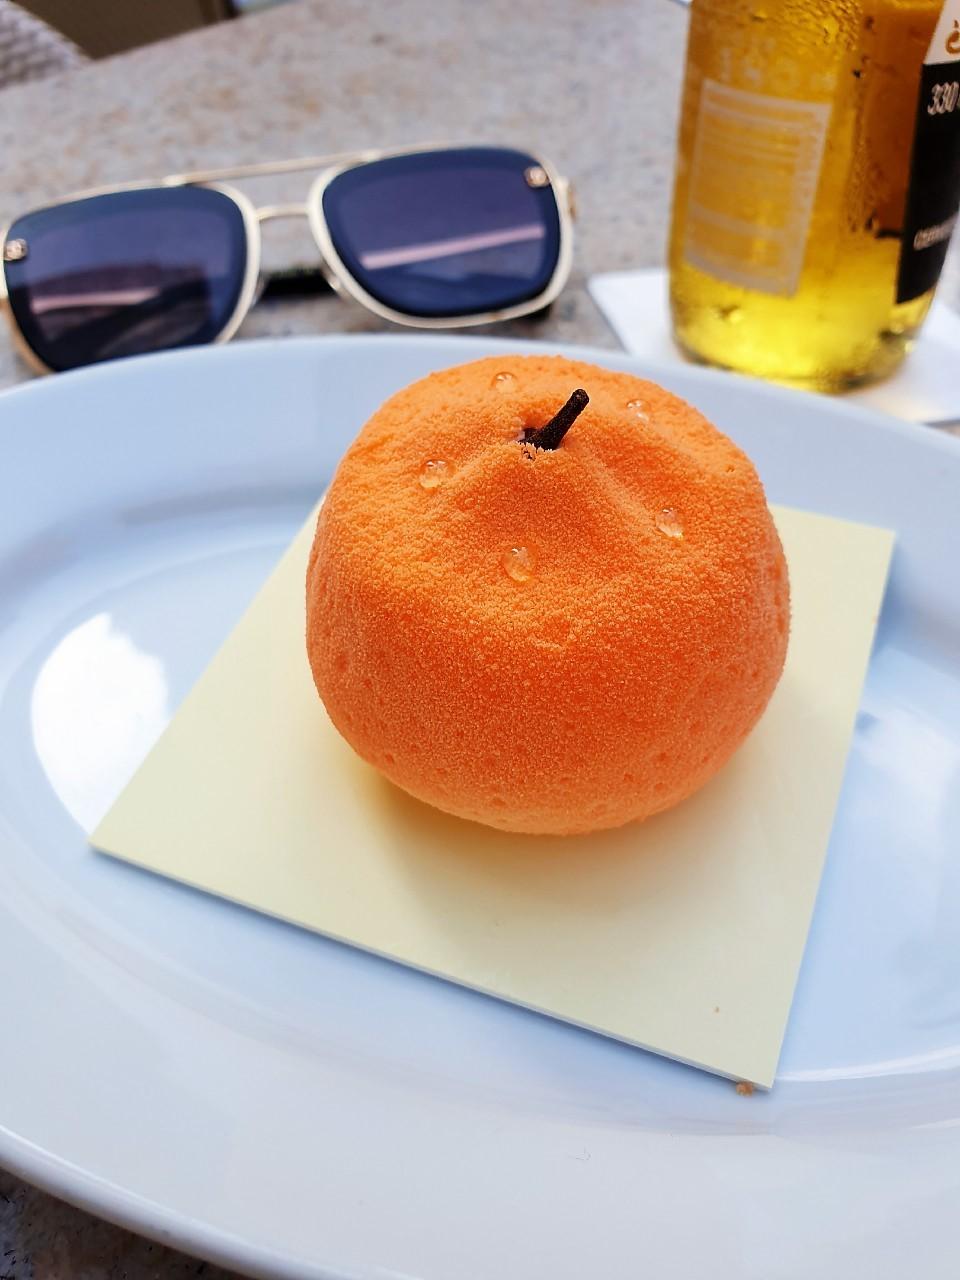 ▲橘子外型的甜點,黃若薇看得少女心大爆發。